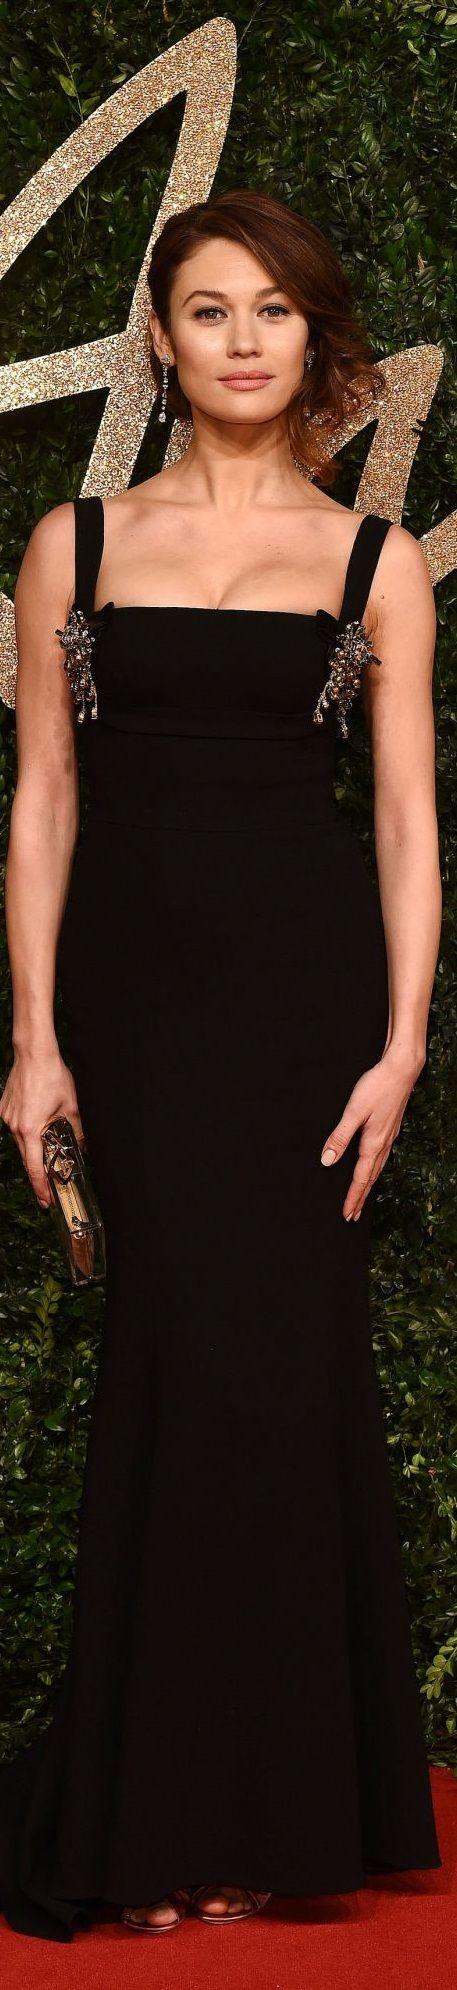 Olga Kurylenko in Dolce&Gabbana, British Fashion Awards 2015 London